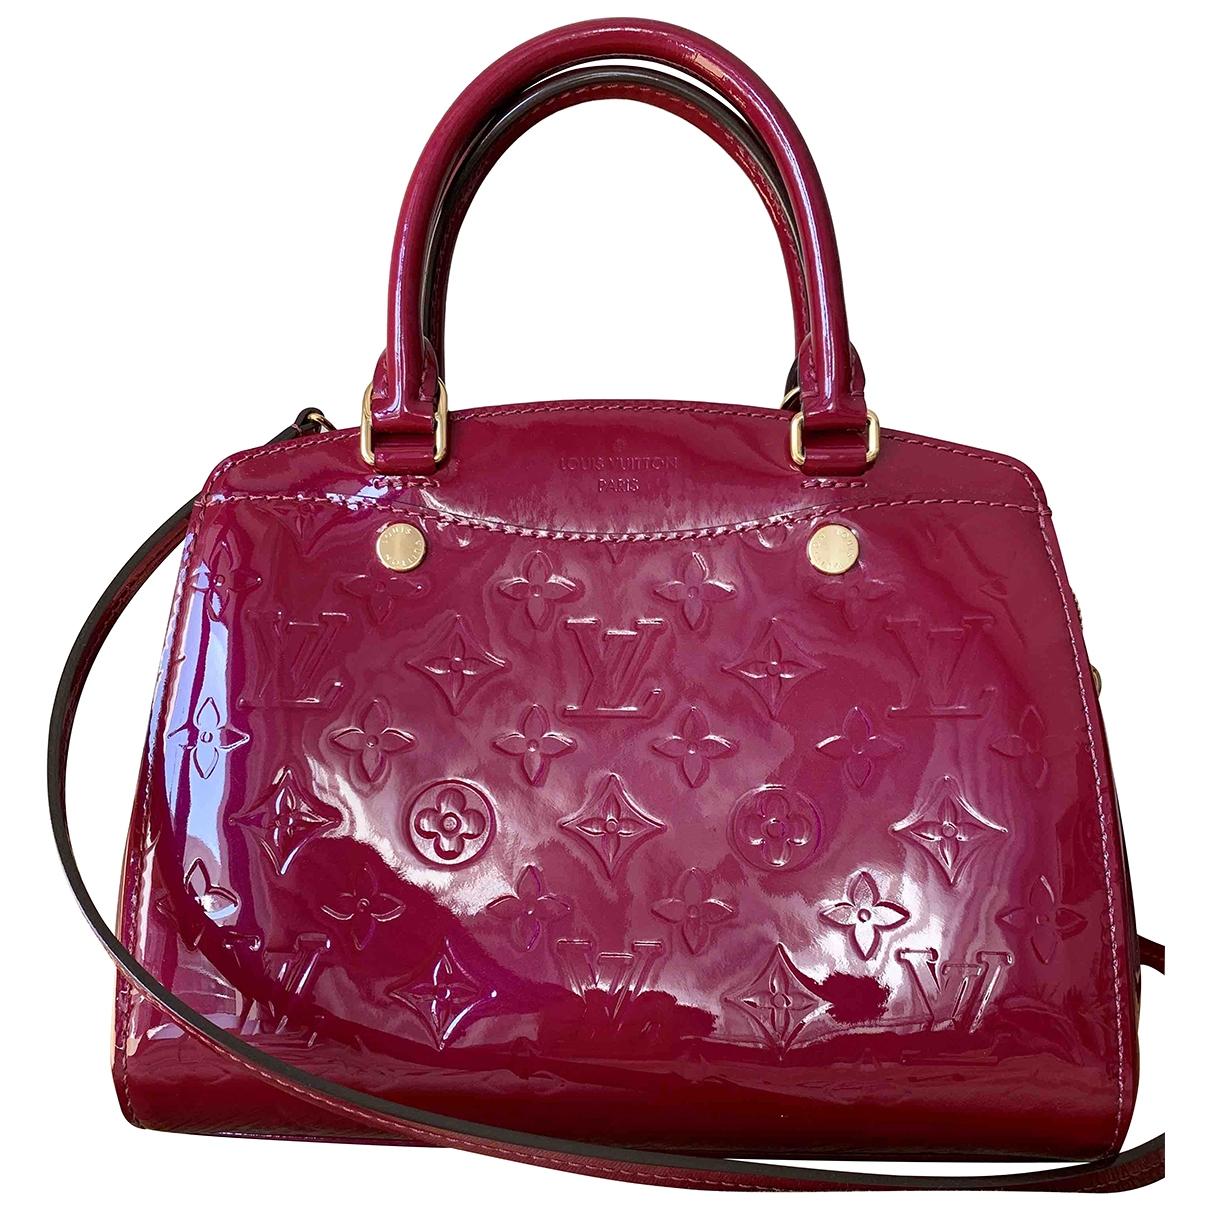 Louis Vuitton - Sac a main Brea pour femme en cuir verni - rouge